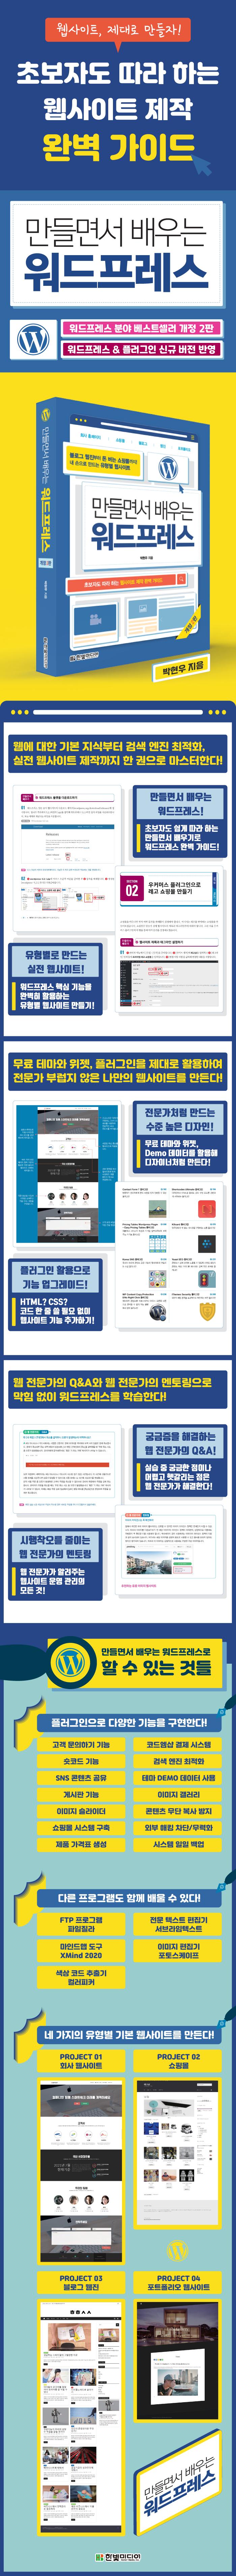 상세페이지_700px_만들면서 배우는 워드프레스(개정 2판).png